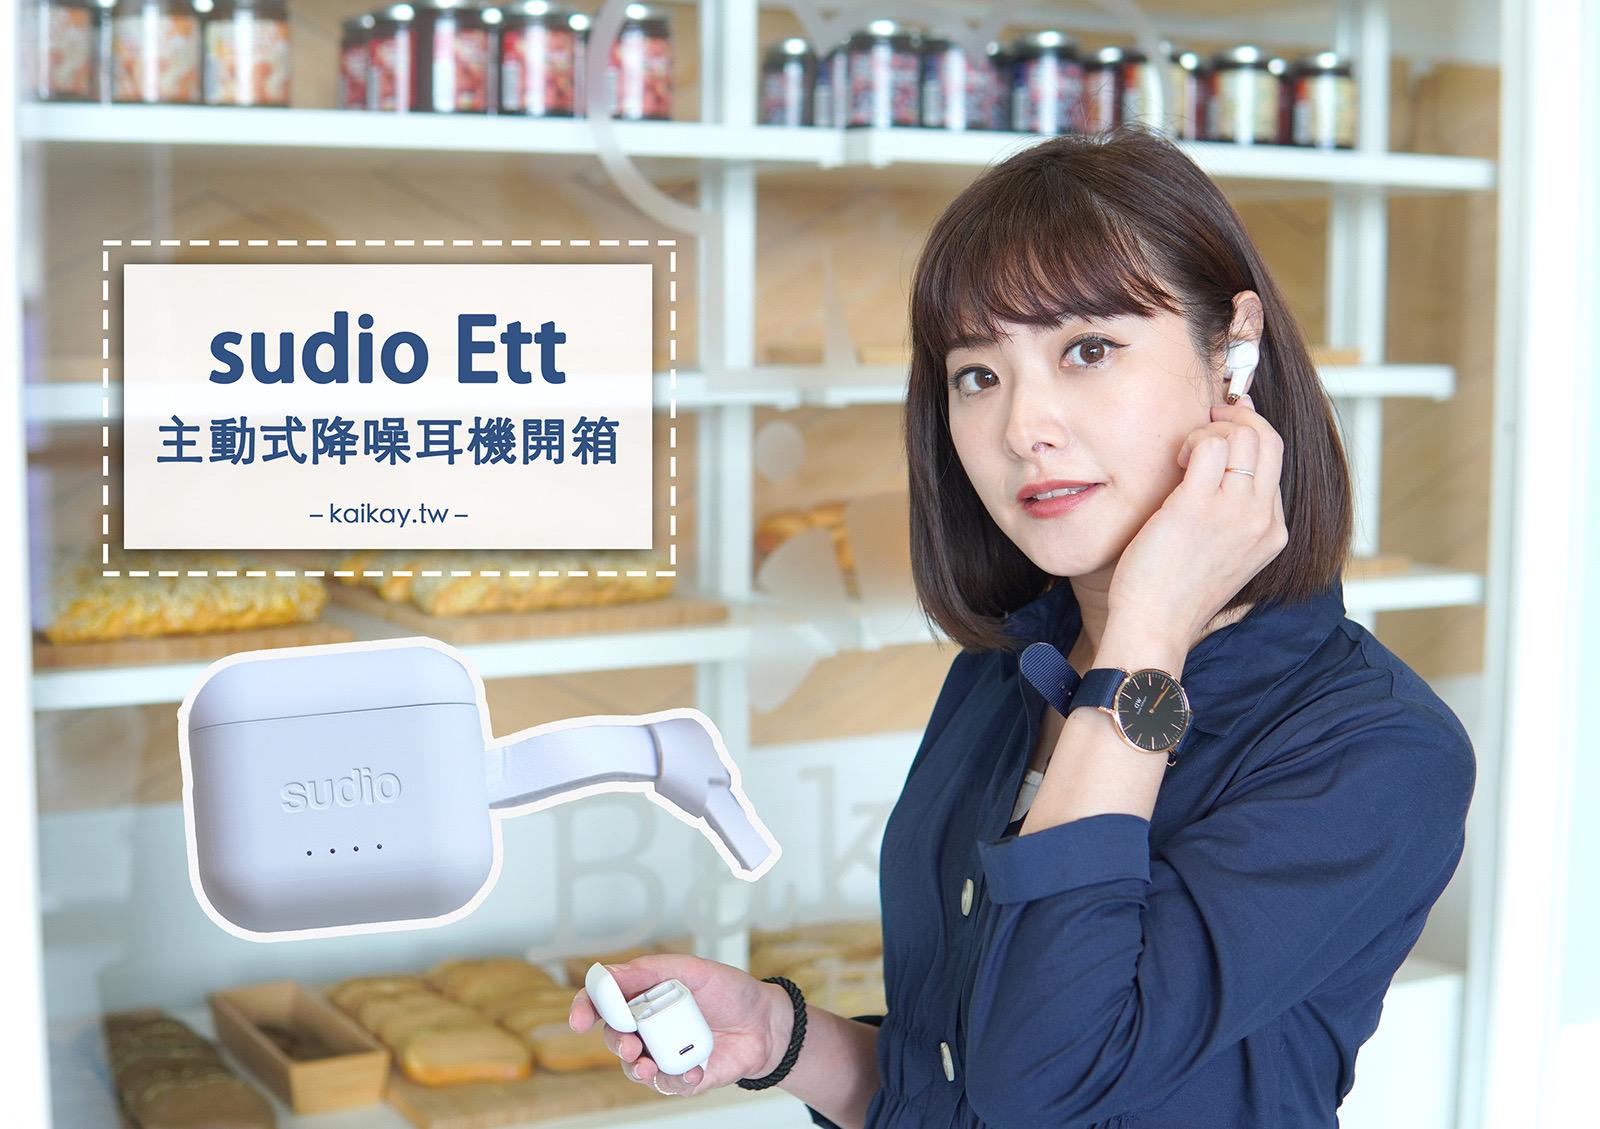 即時熱門文章:☆【3C】瑞典 sudio Ett 主動式降噪藍牙耳機。一戴上就鑽進自己的小世界裡